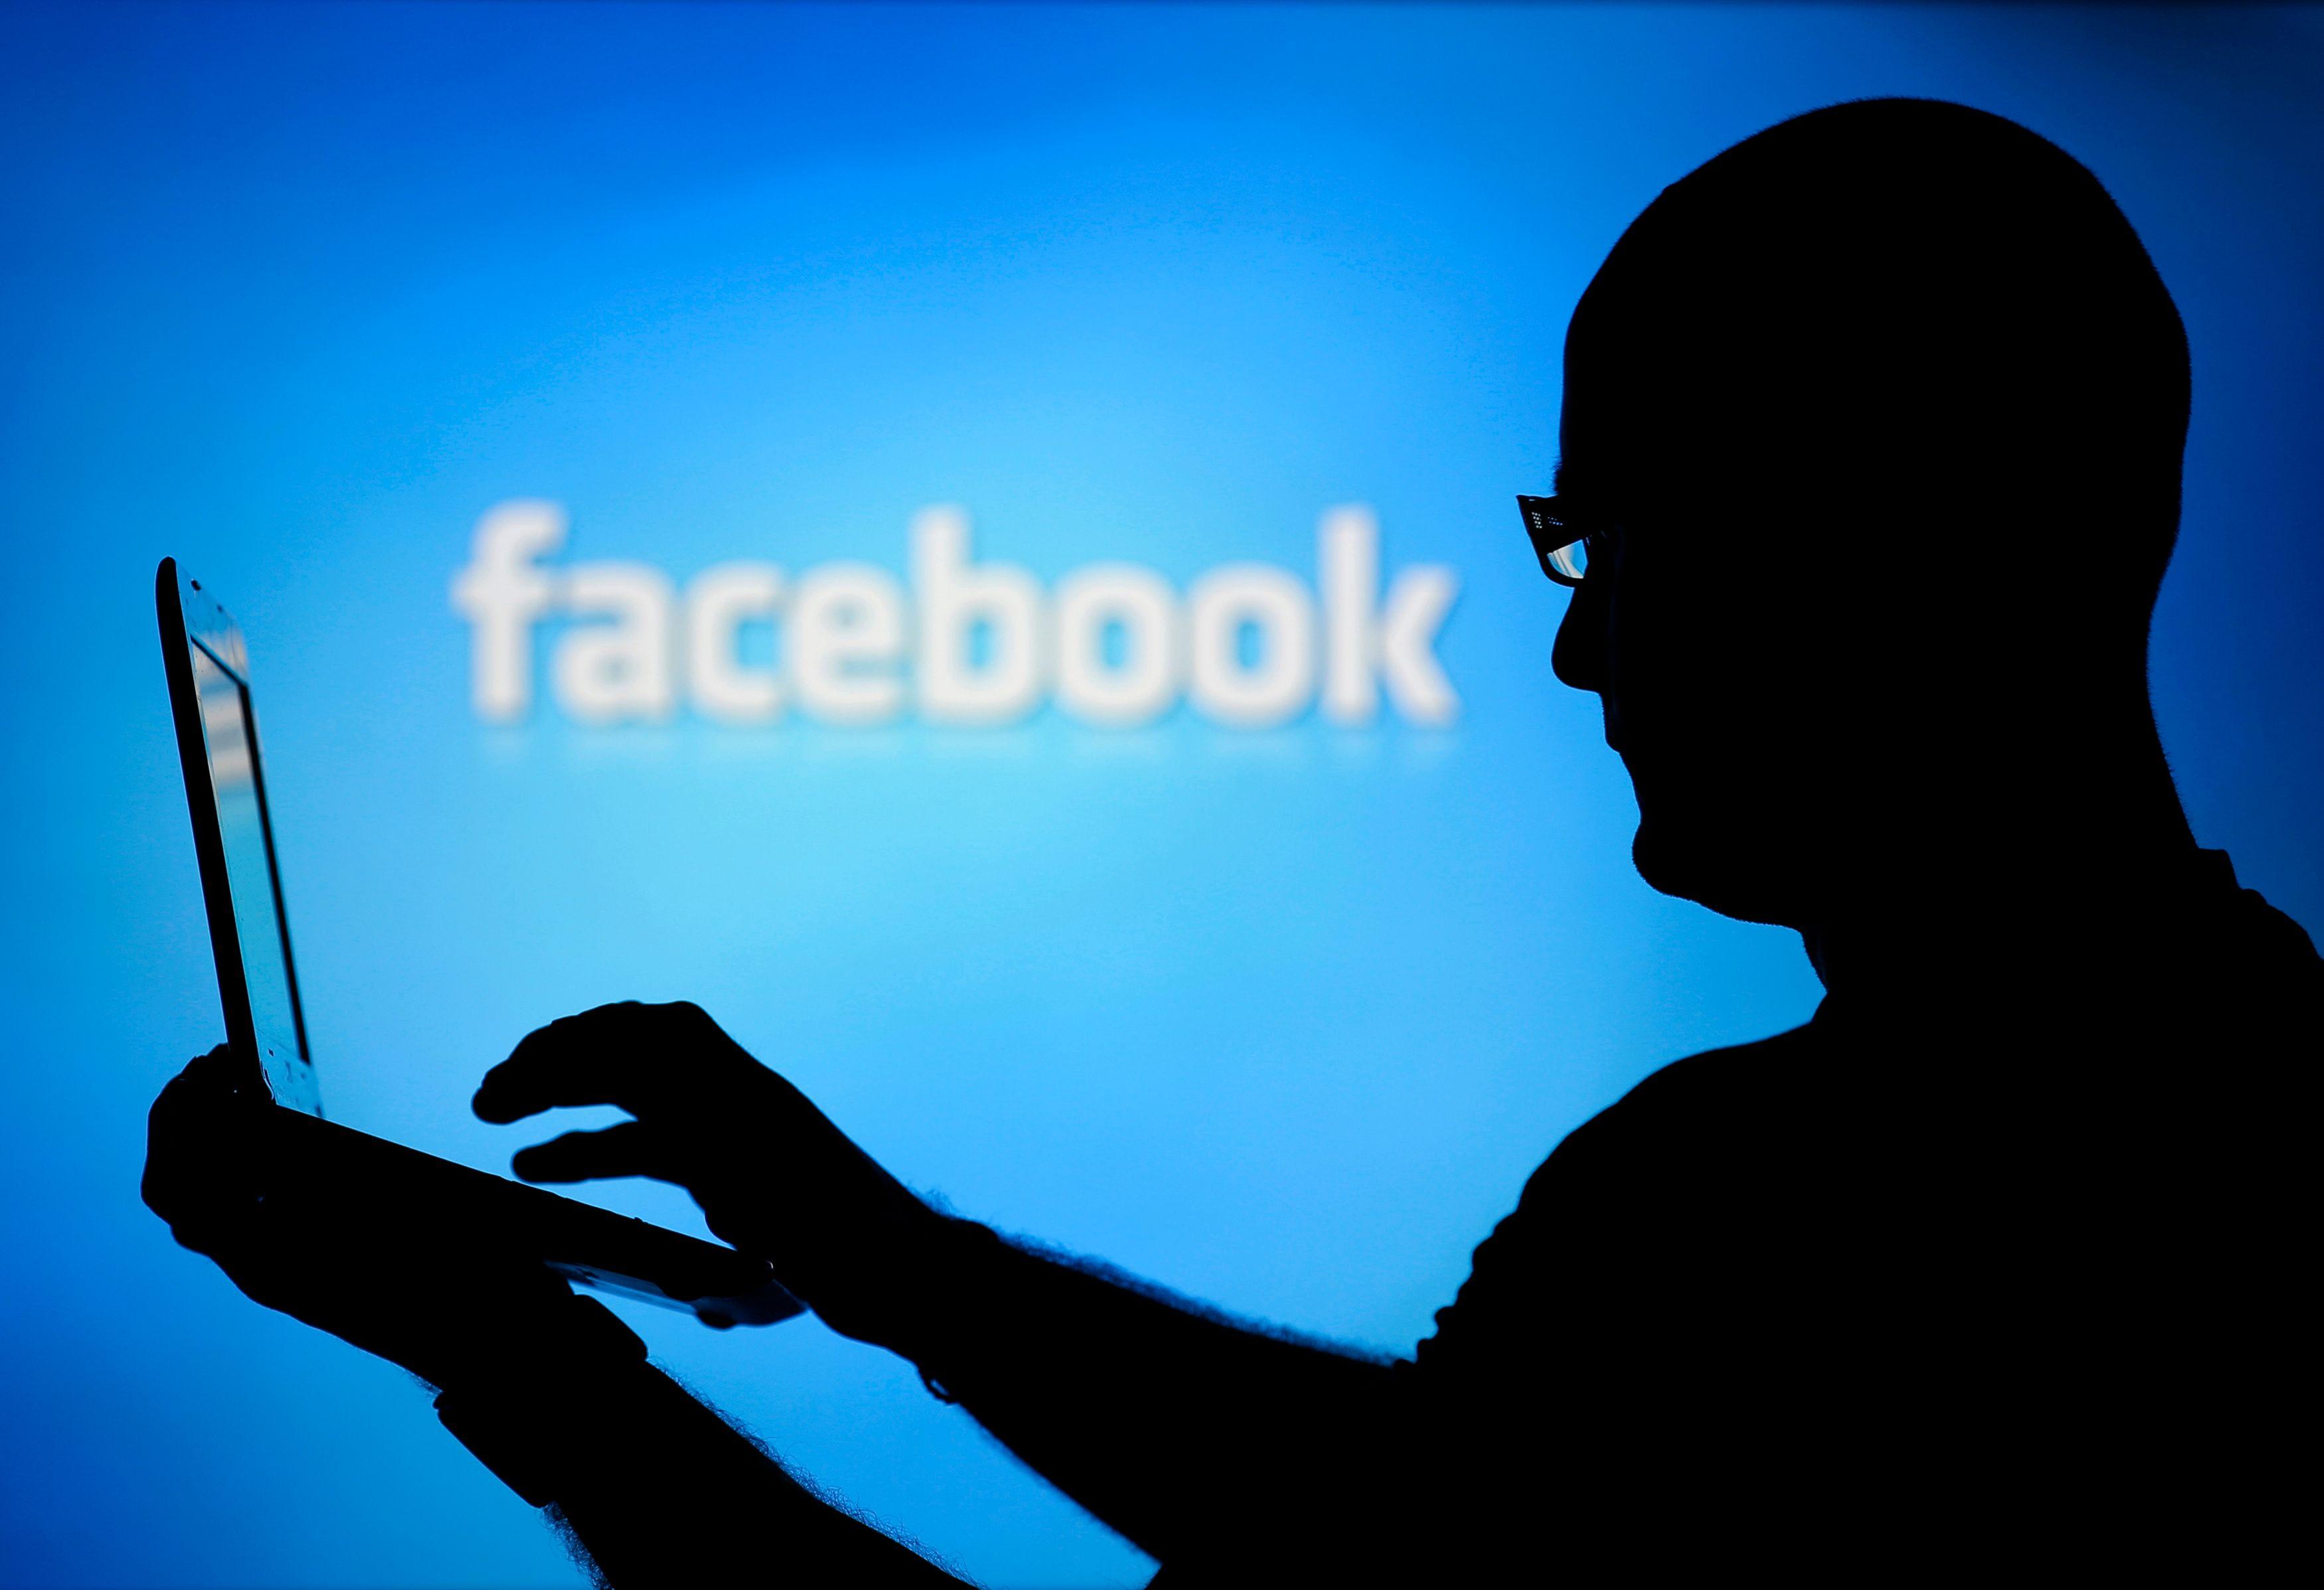 Articles publiés directement sur Facebook : la stratégie qui va changer le visage des groupes médias demain